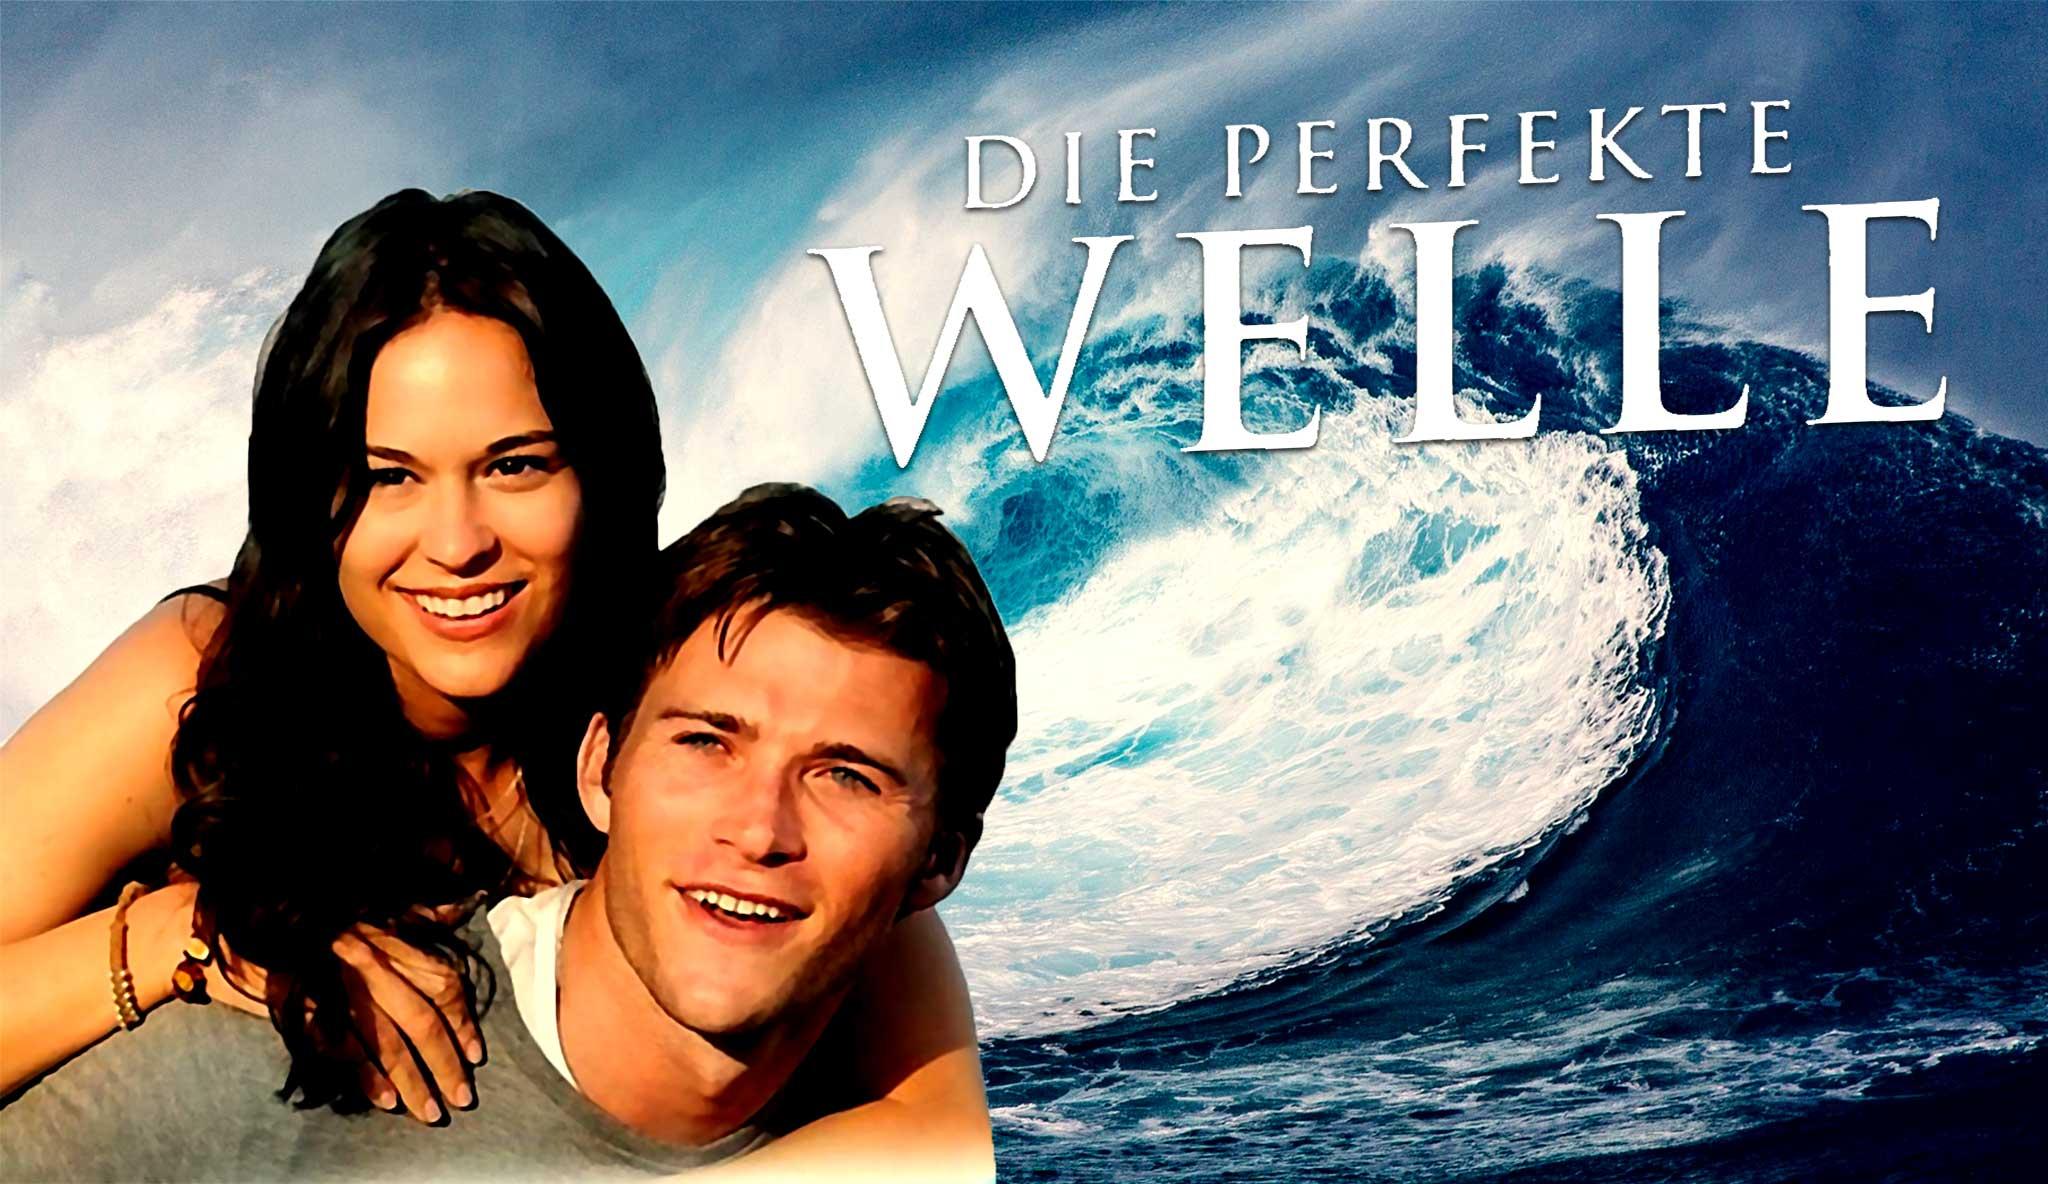 die-perfekte-welle\header.jpg